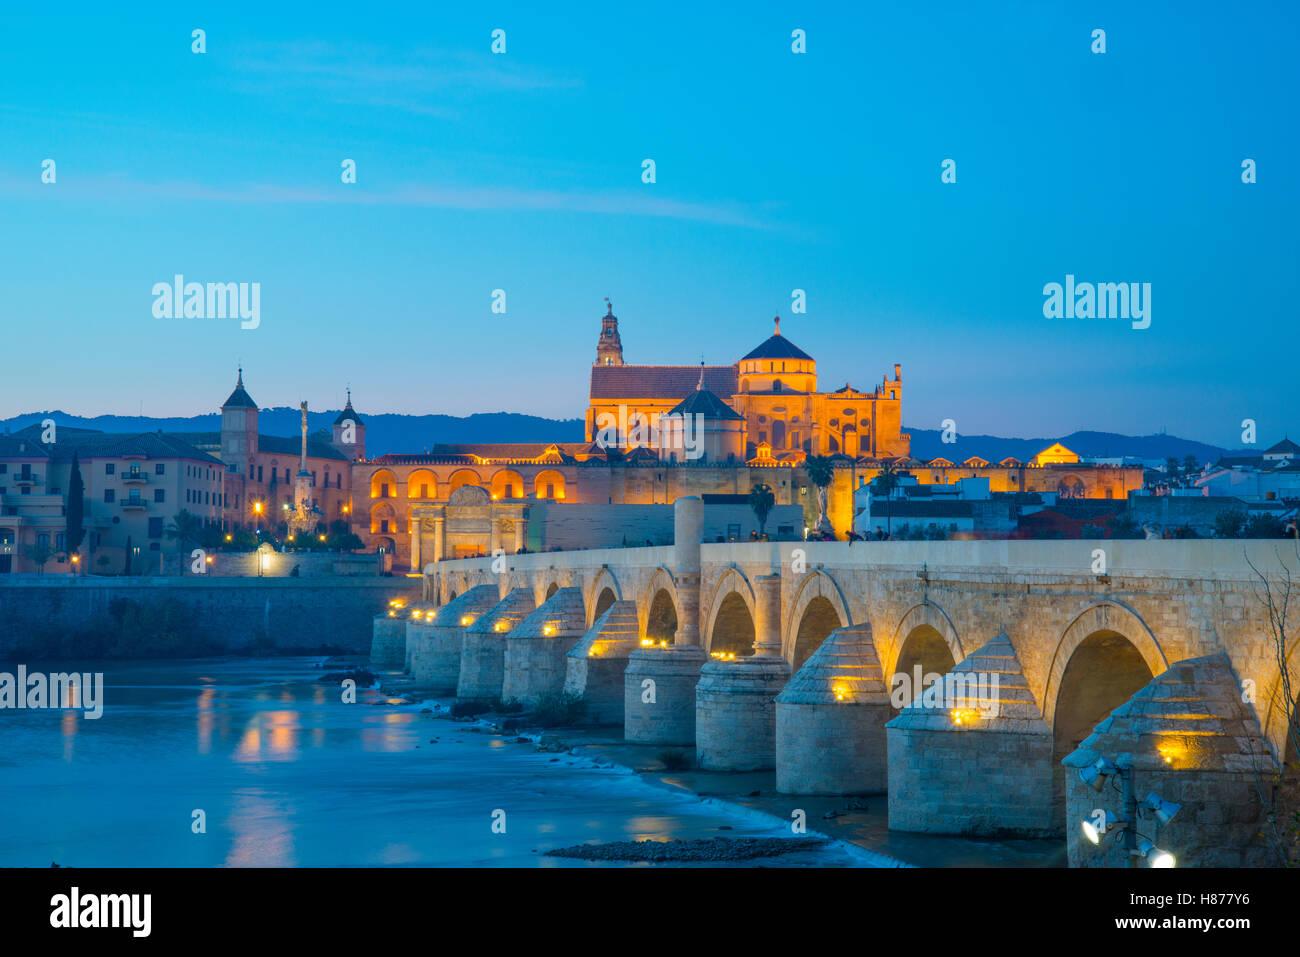 Puente romano sobre el río Guadalquivir, la vista de noche. Cordoba, España. Foto de stock